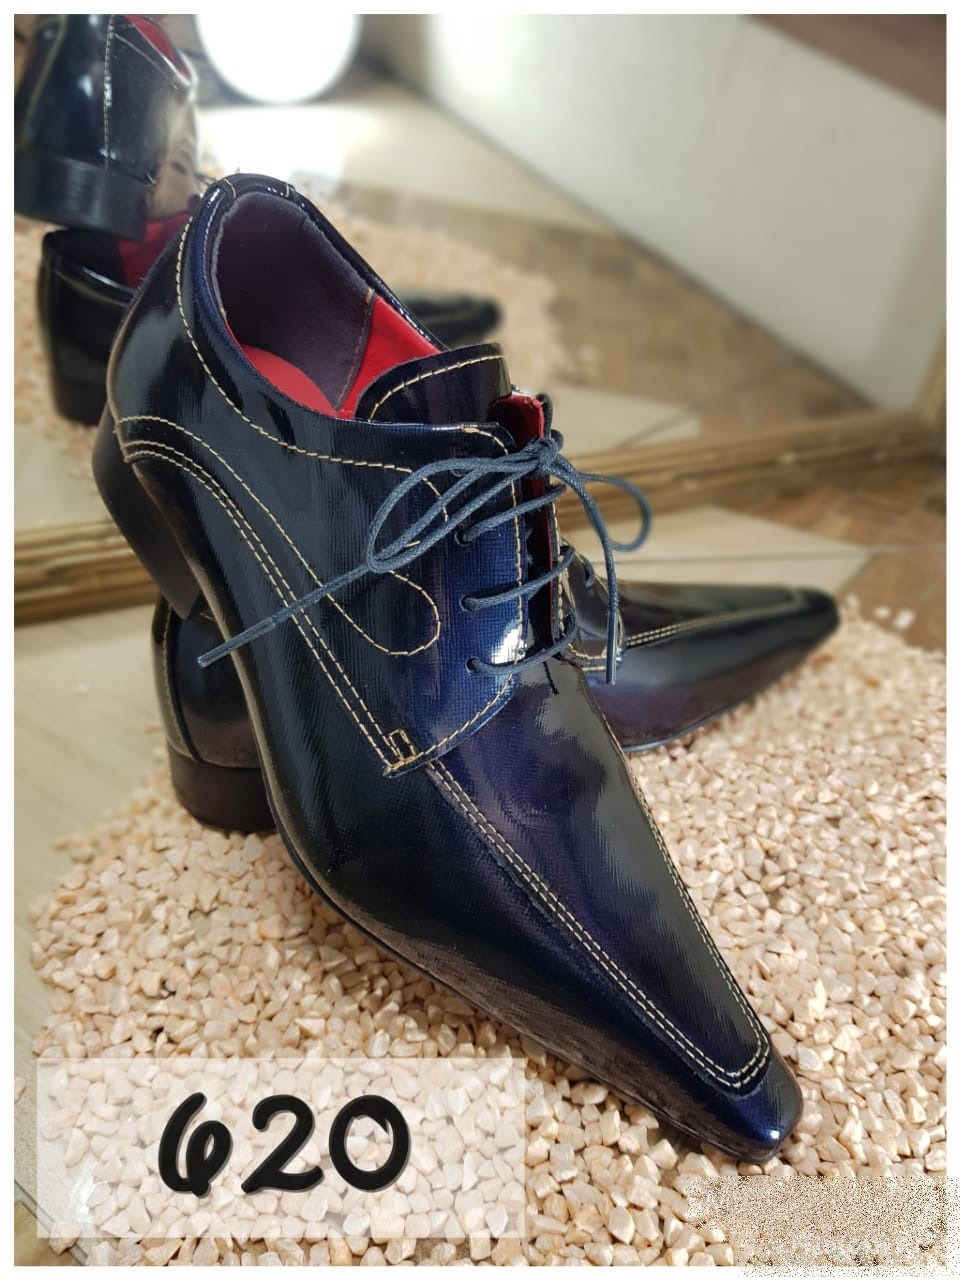 Sapatos social em preto verniz com bico extra fino